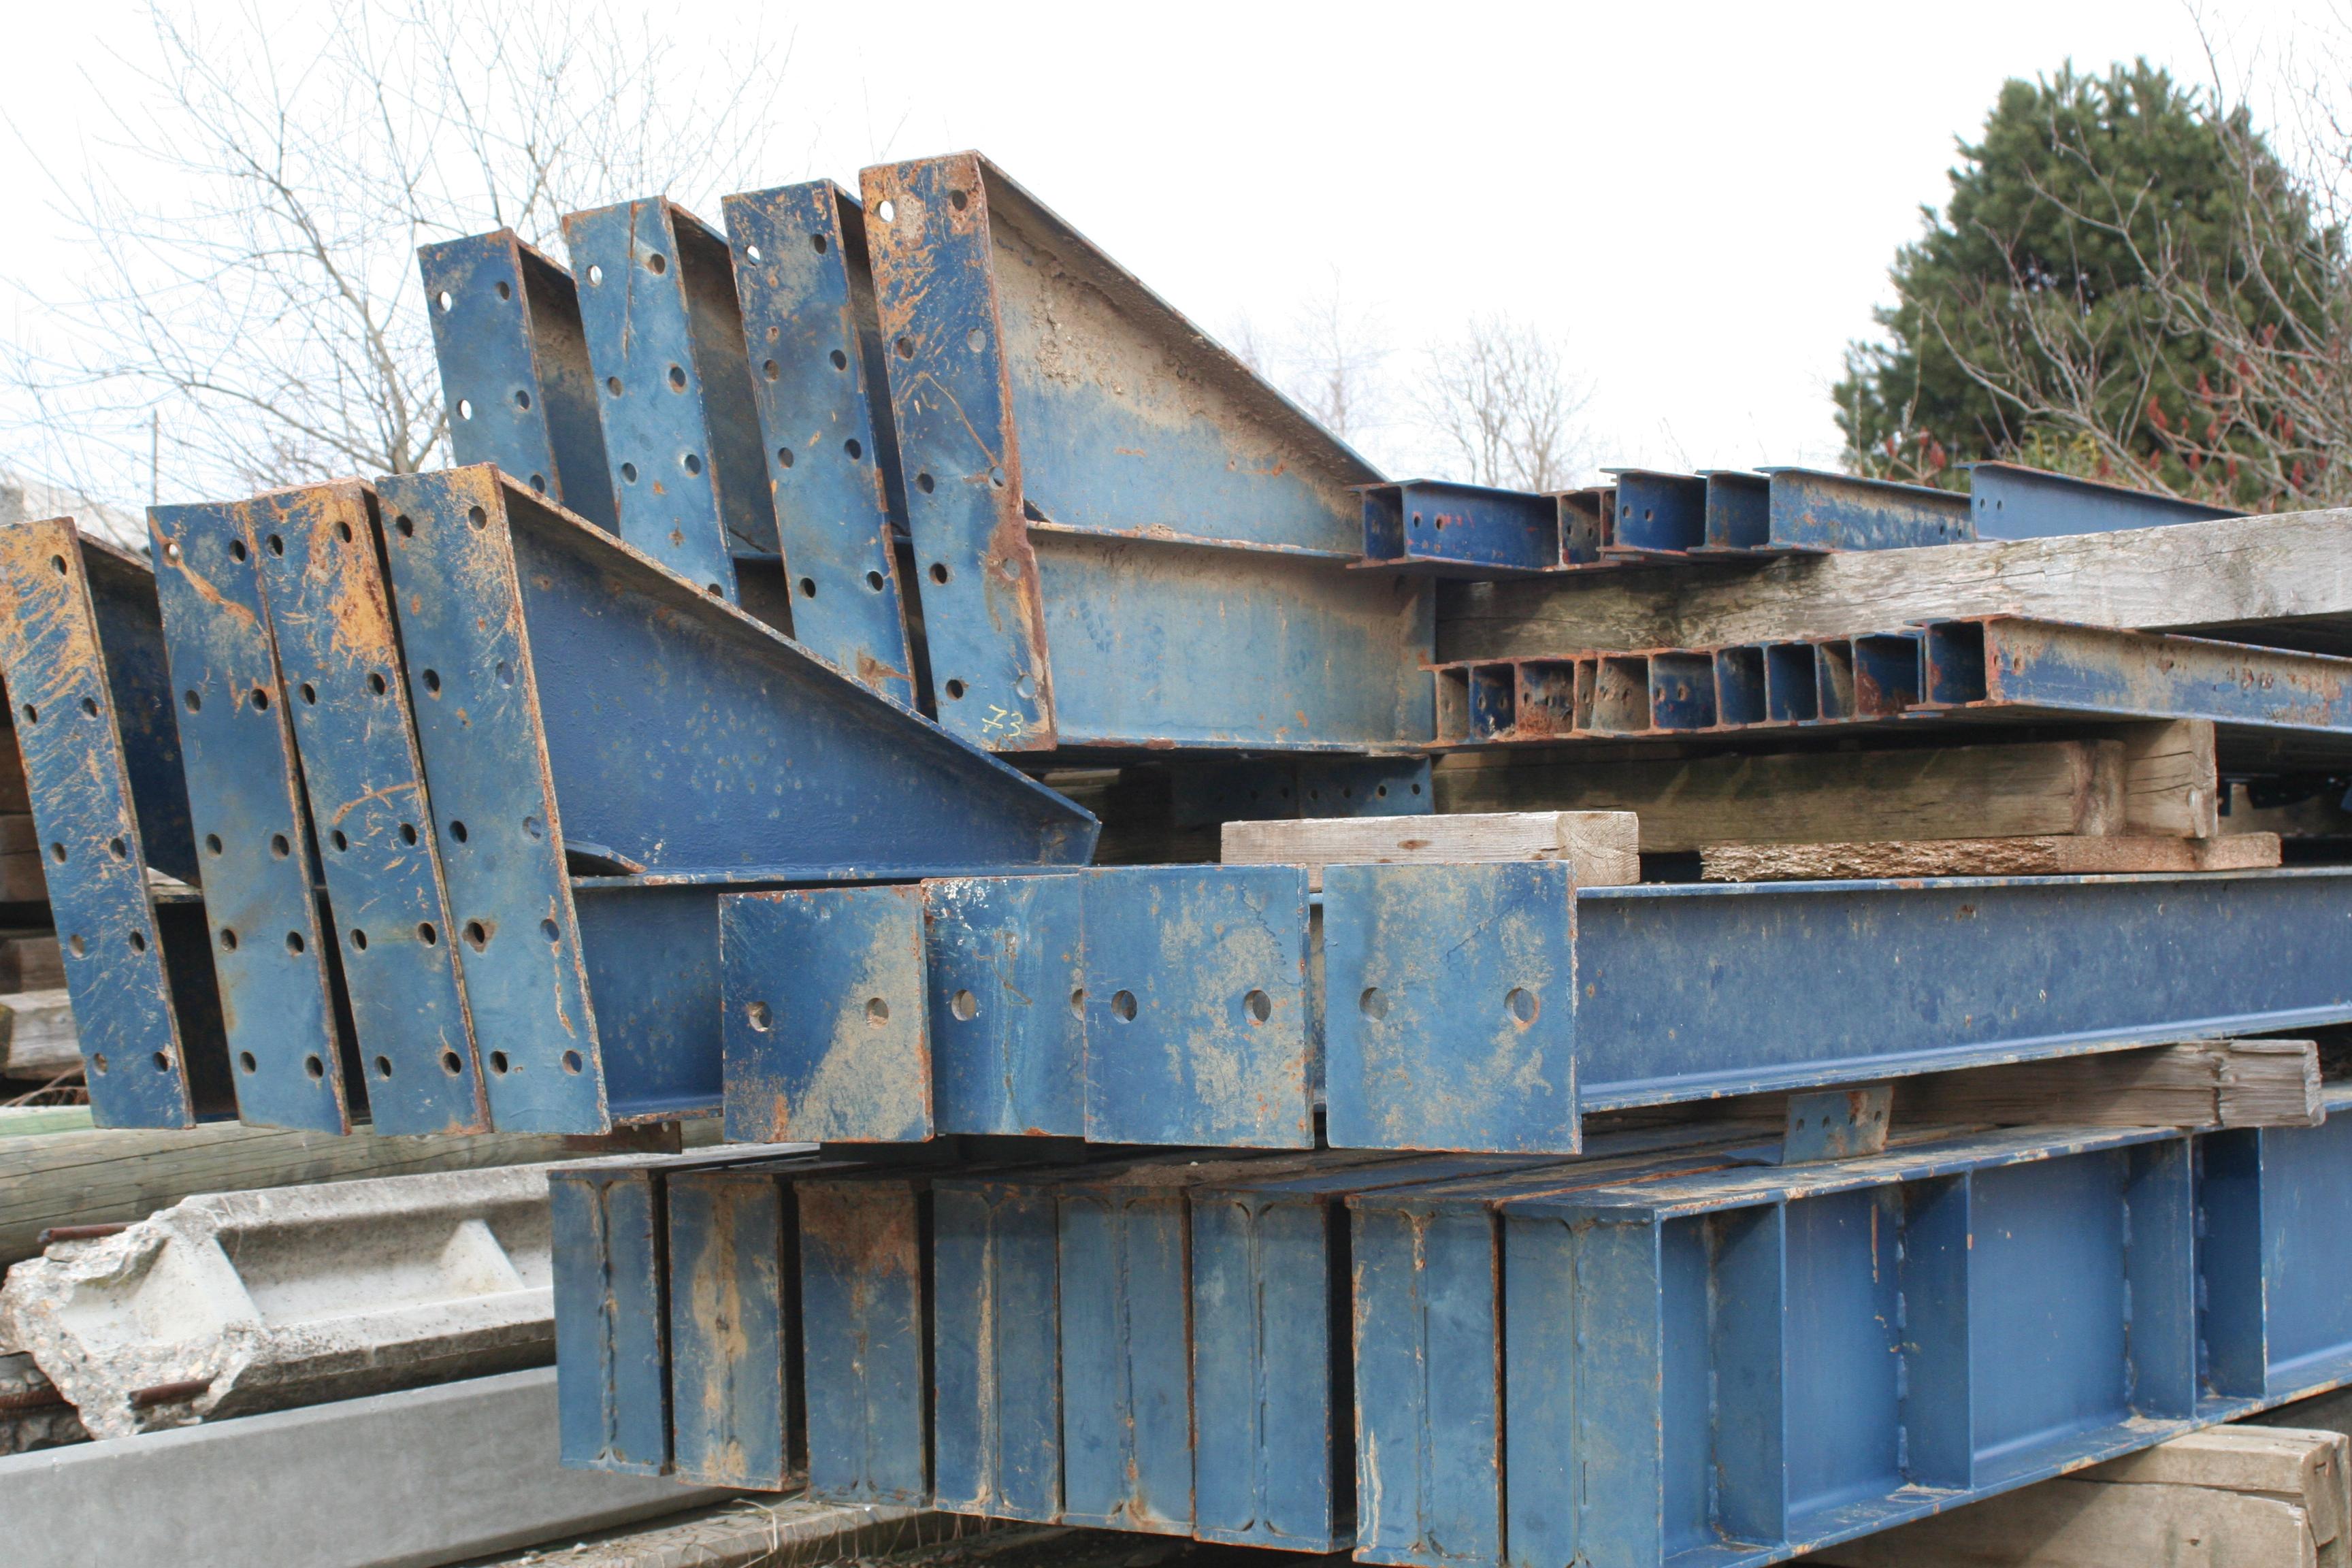 le site de toutes les envies annecy vend charpente metallique pour hangar. Black Bedroom Furniture Sets. Home Design Ideas